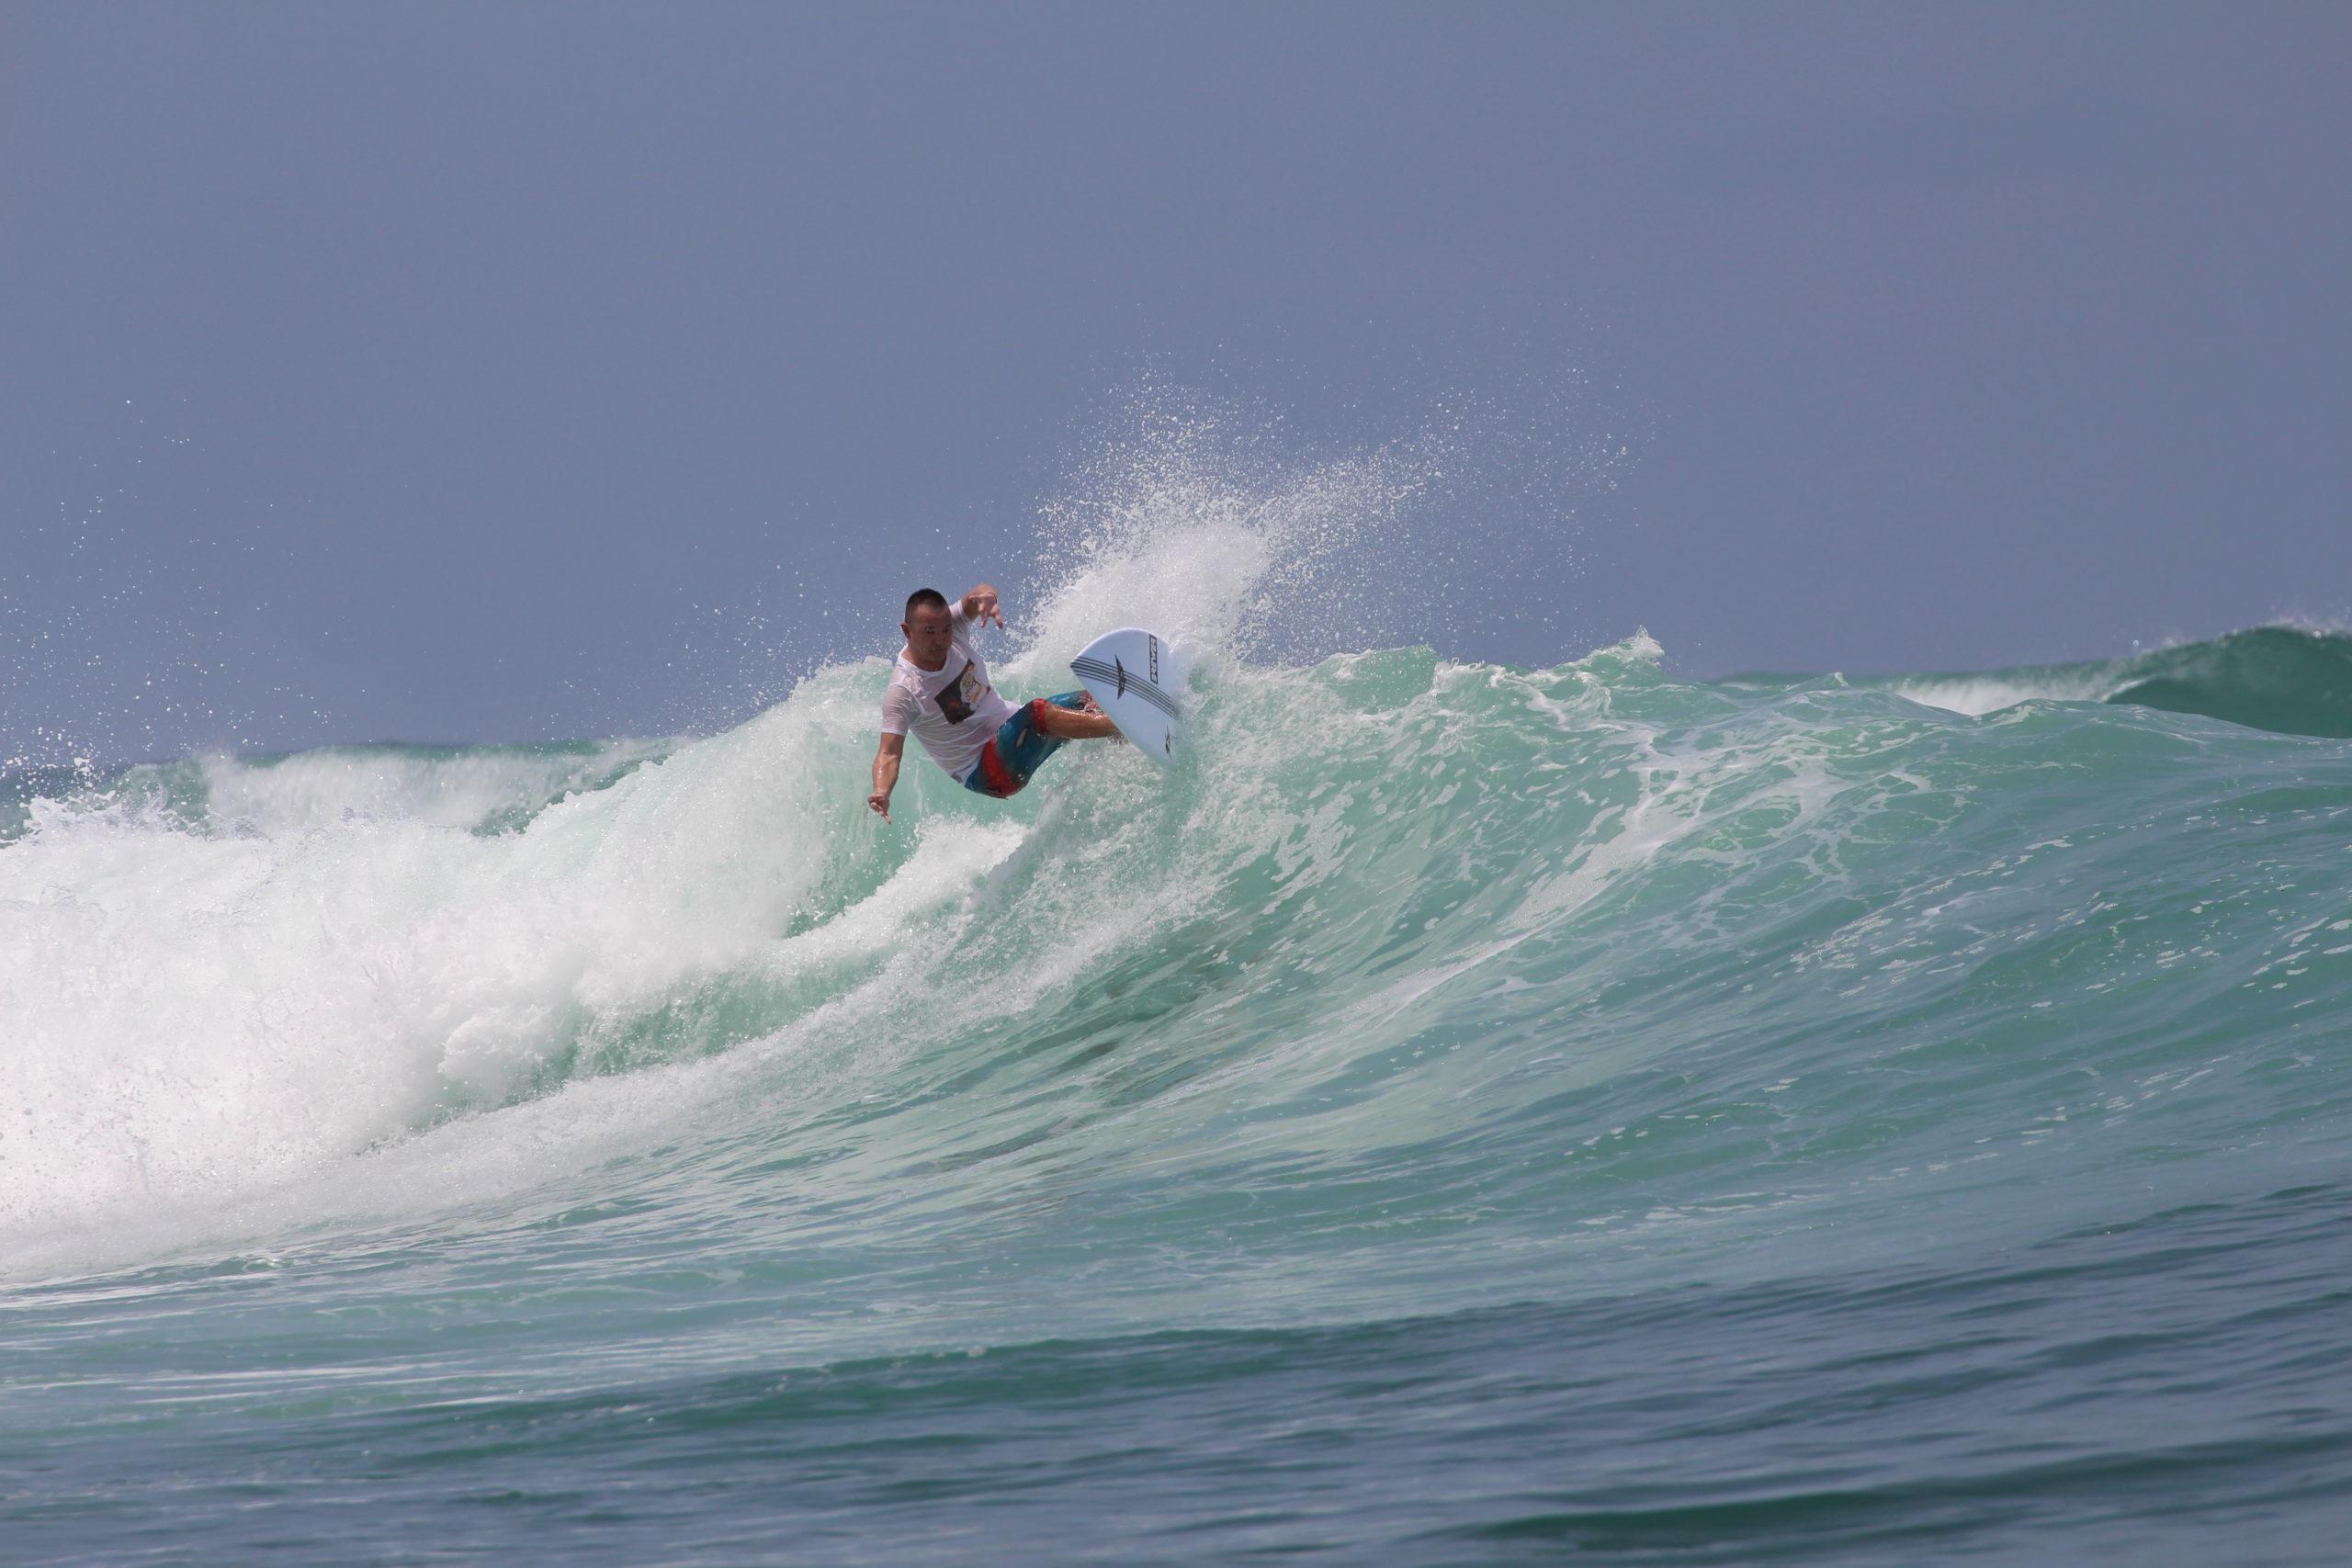 DICK BREWER SURFBOARDS JAPAN インタビュー Vol.2<br>上條将美ライダー/元JPSAプロ<br><i><font color=